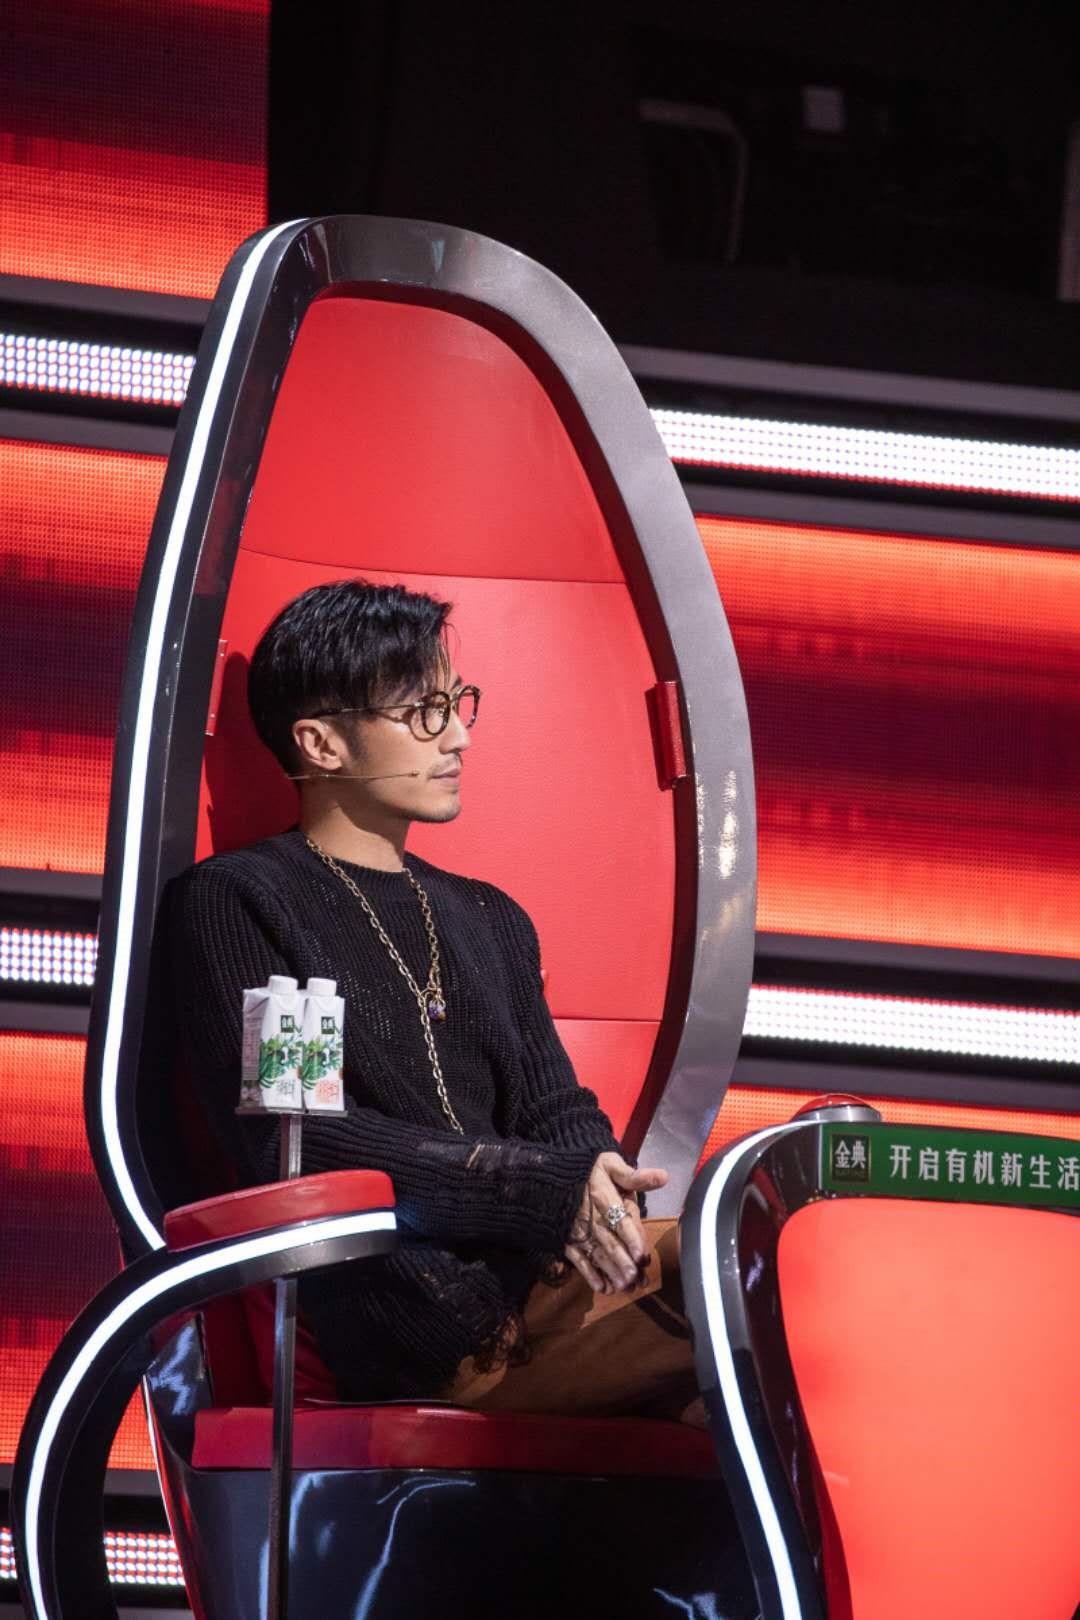 谢霆锋《中国好声音》传递音乐理念,鼓励实验性舞台